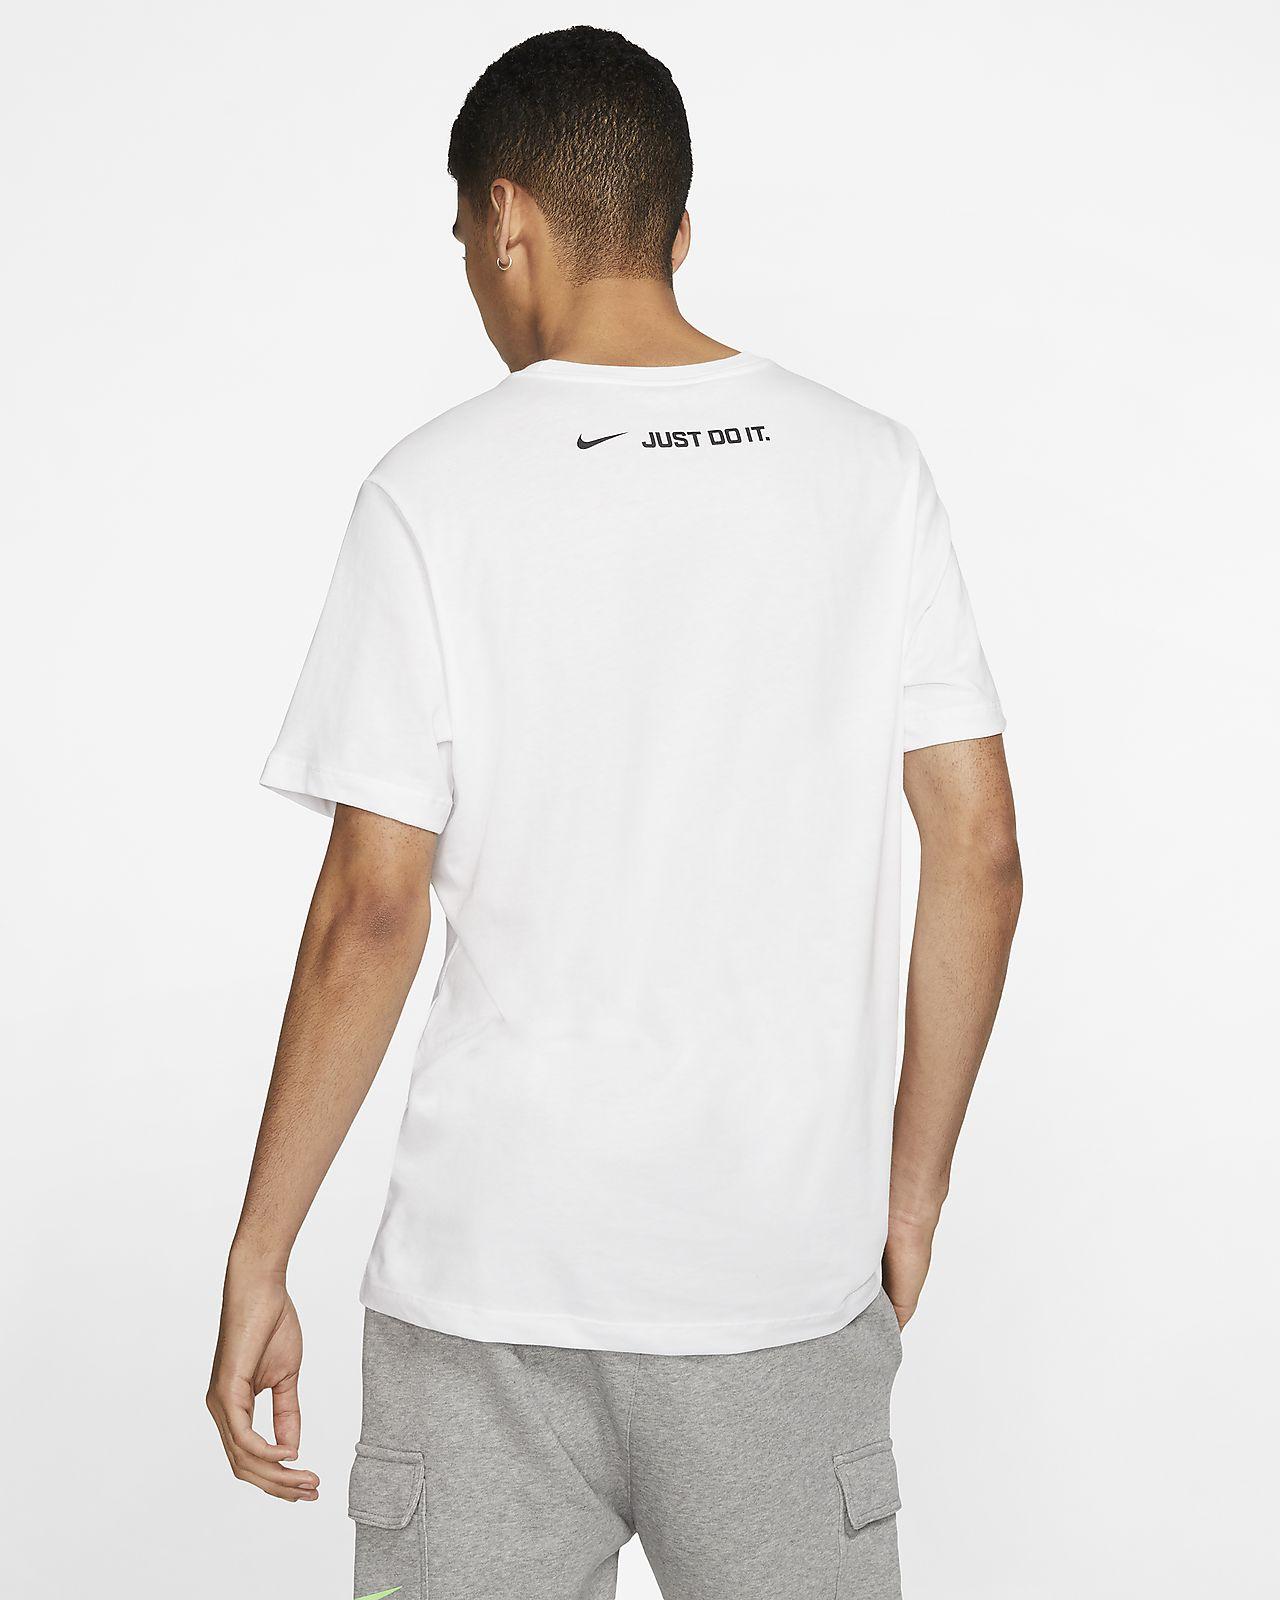 Nike Sportswear Men's Swoosh T Shirt